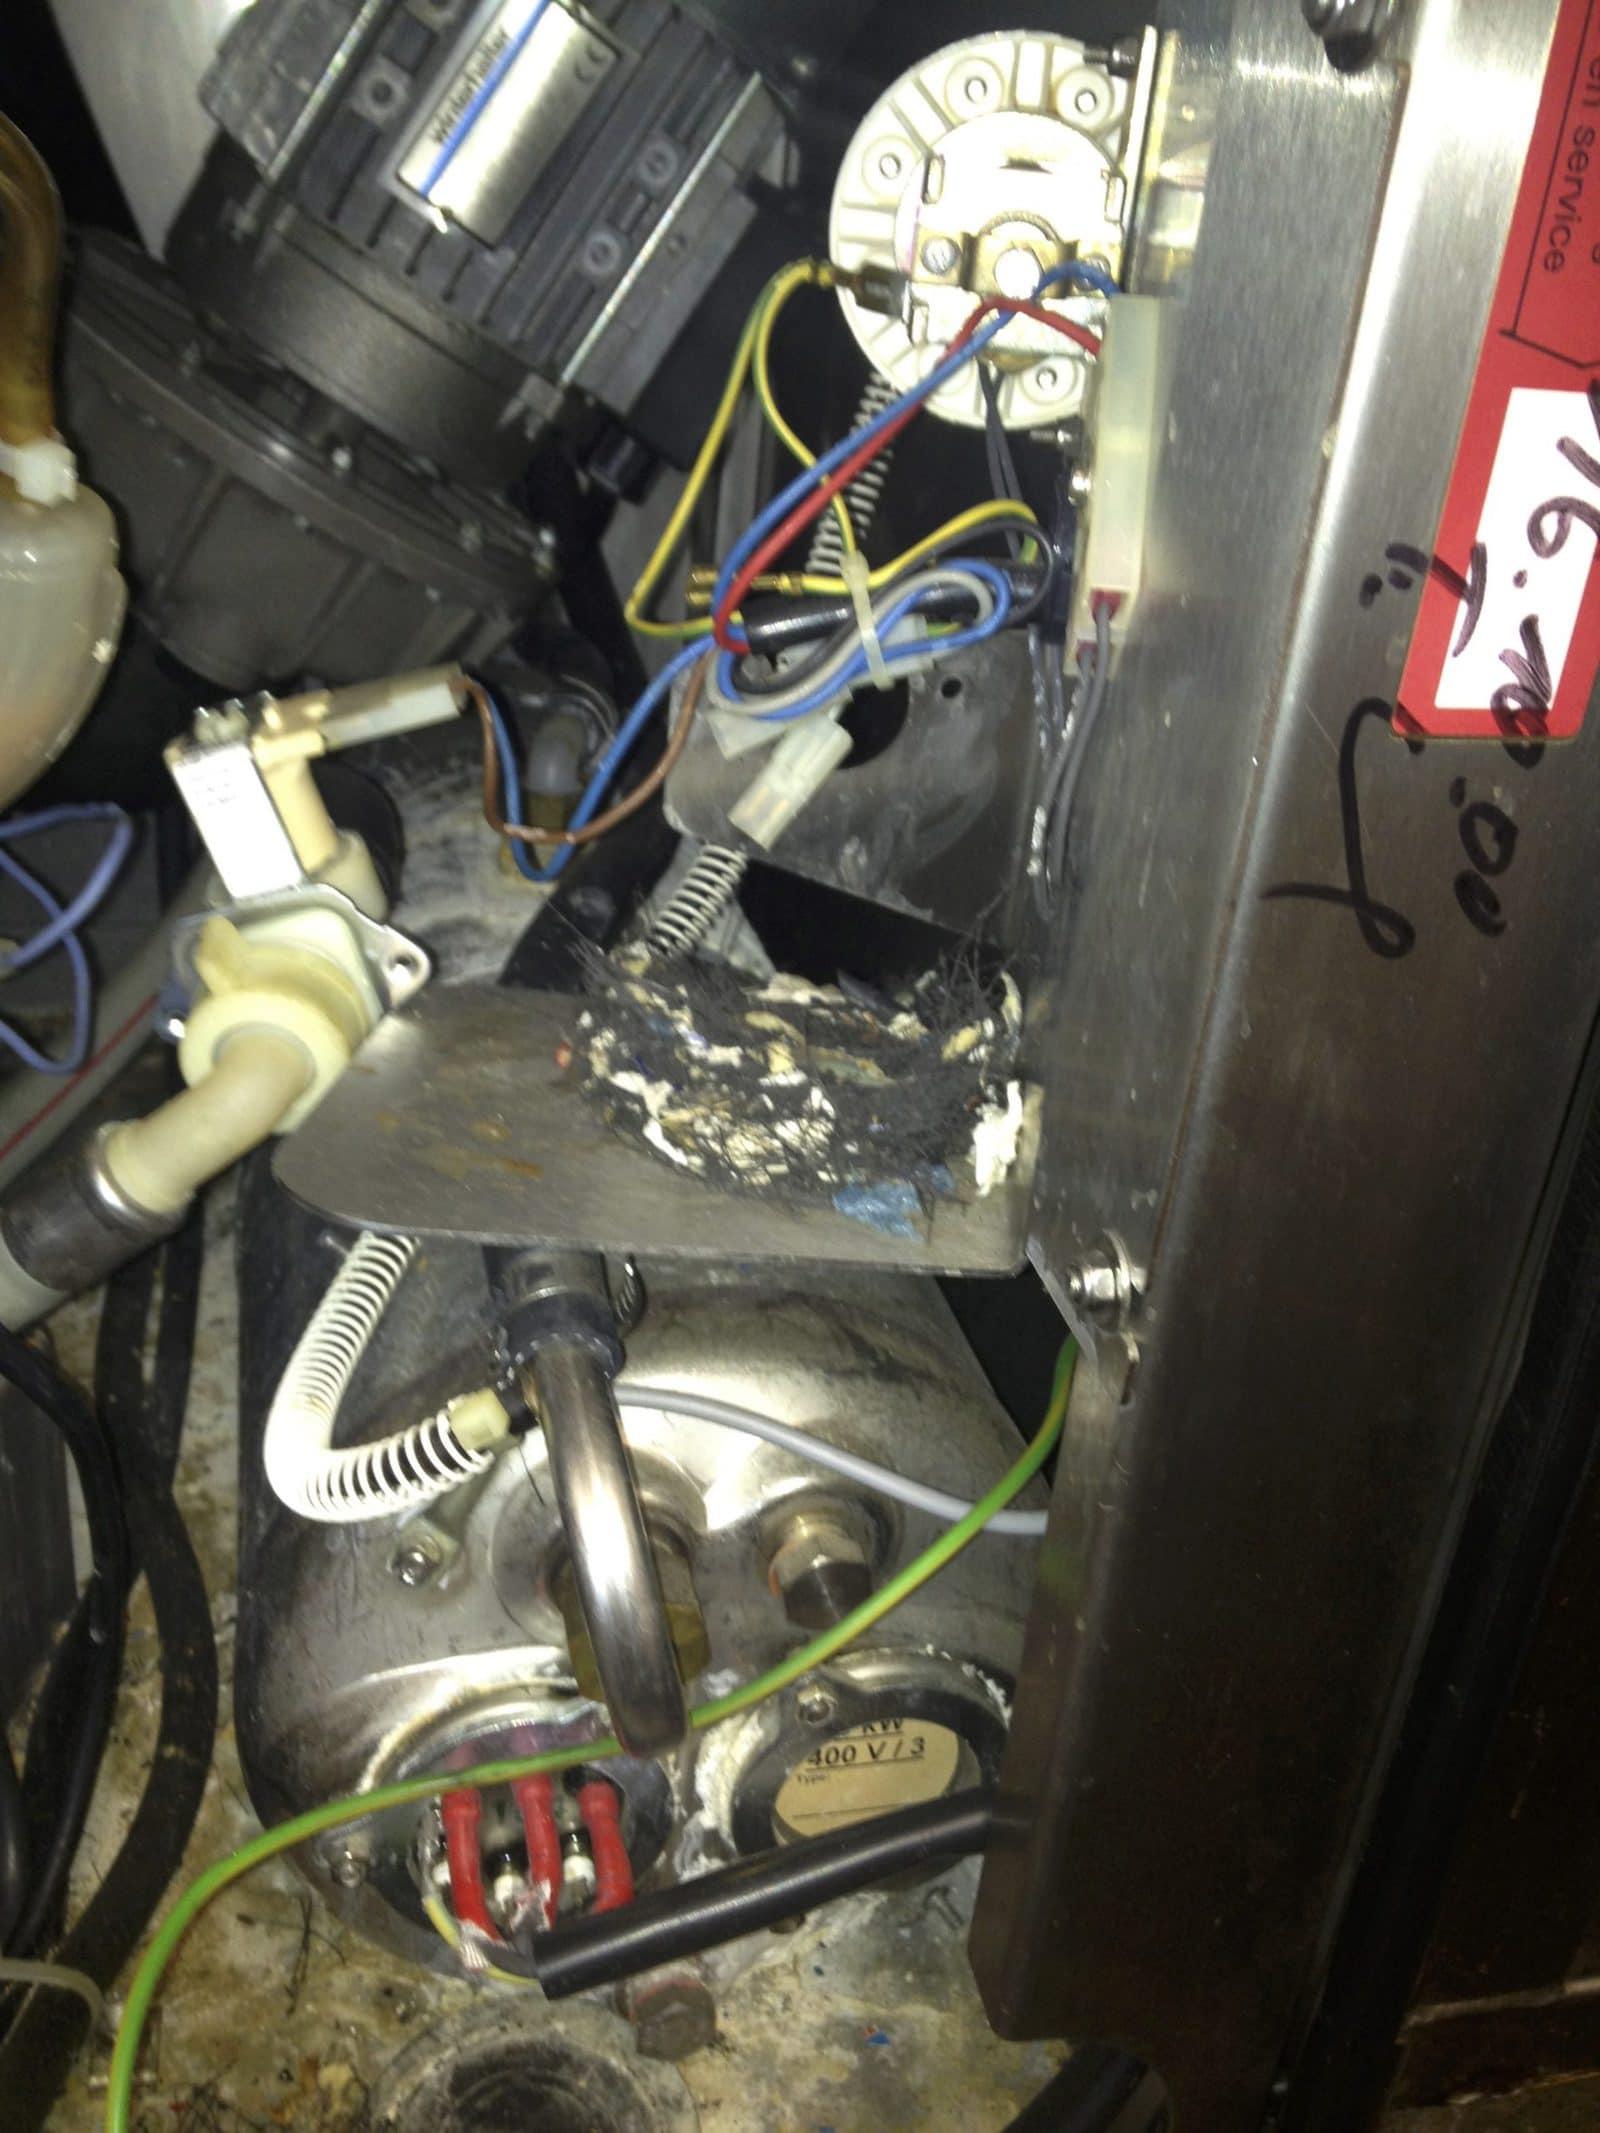 Maus vergnügt sich am Stromkabel